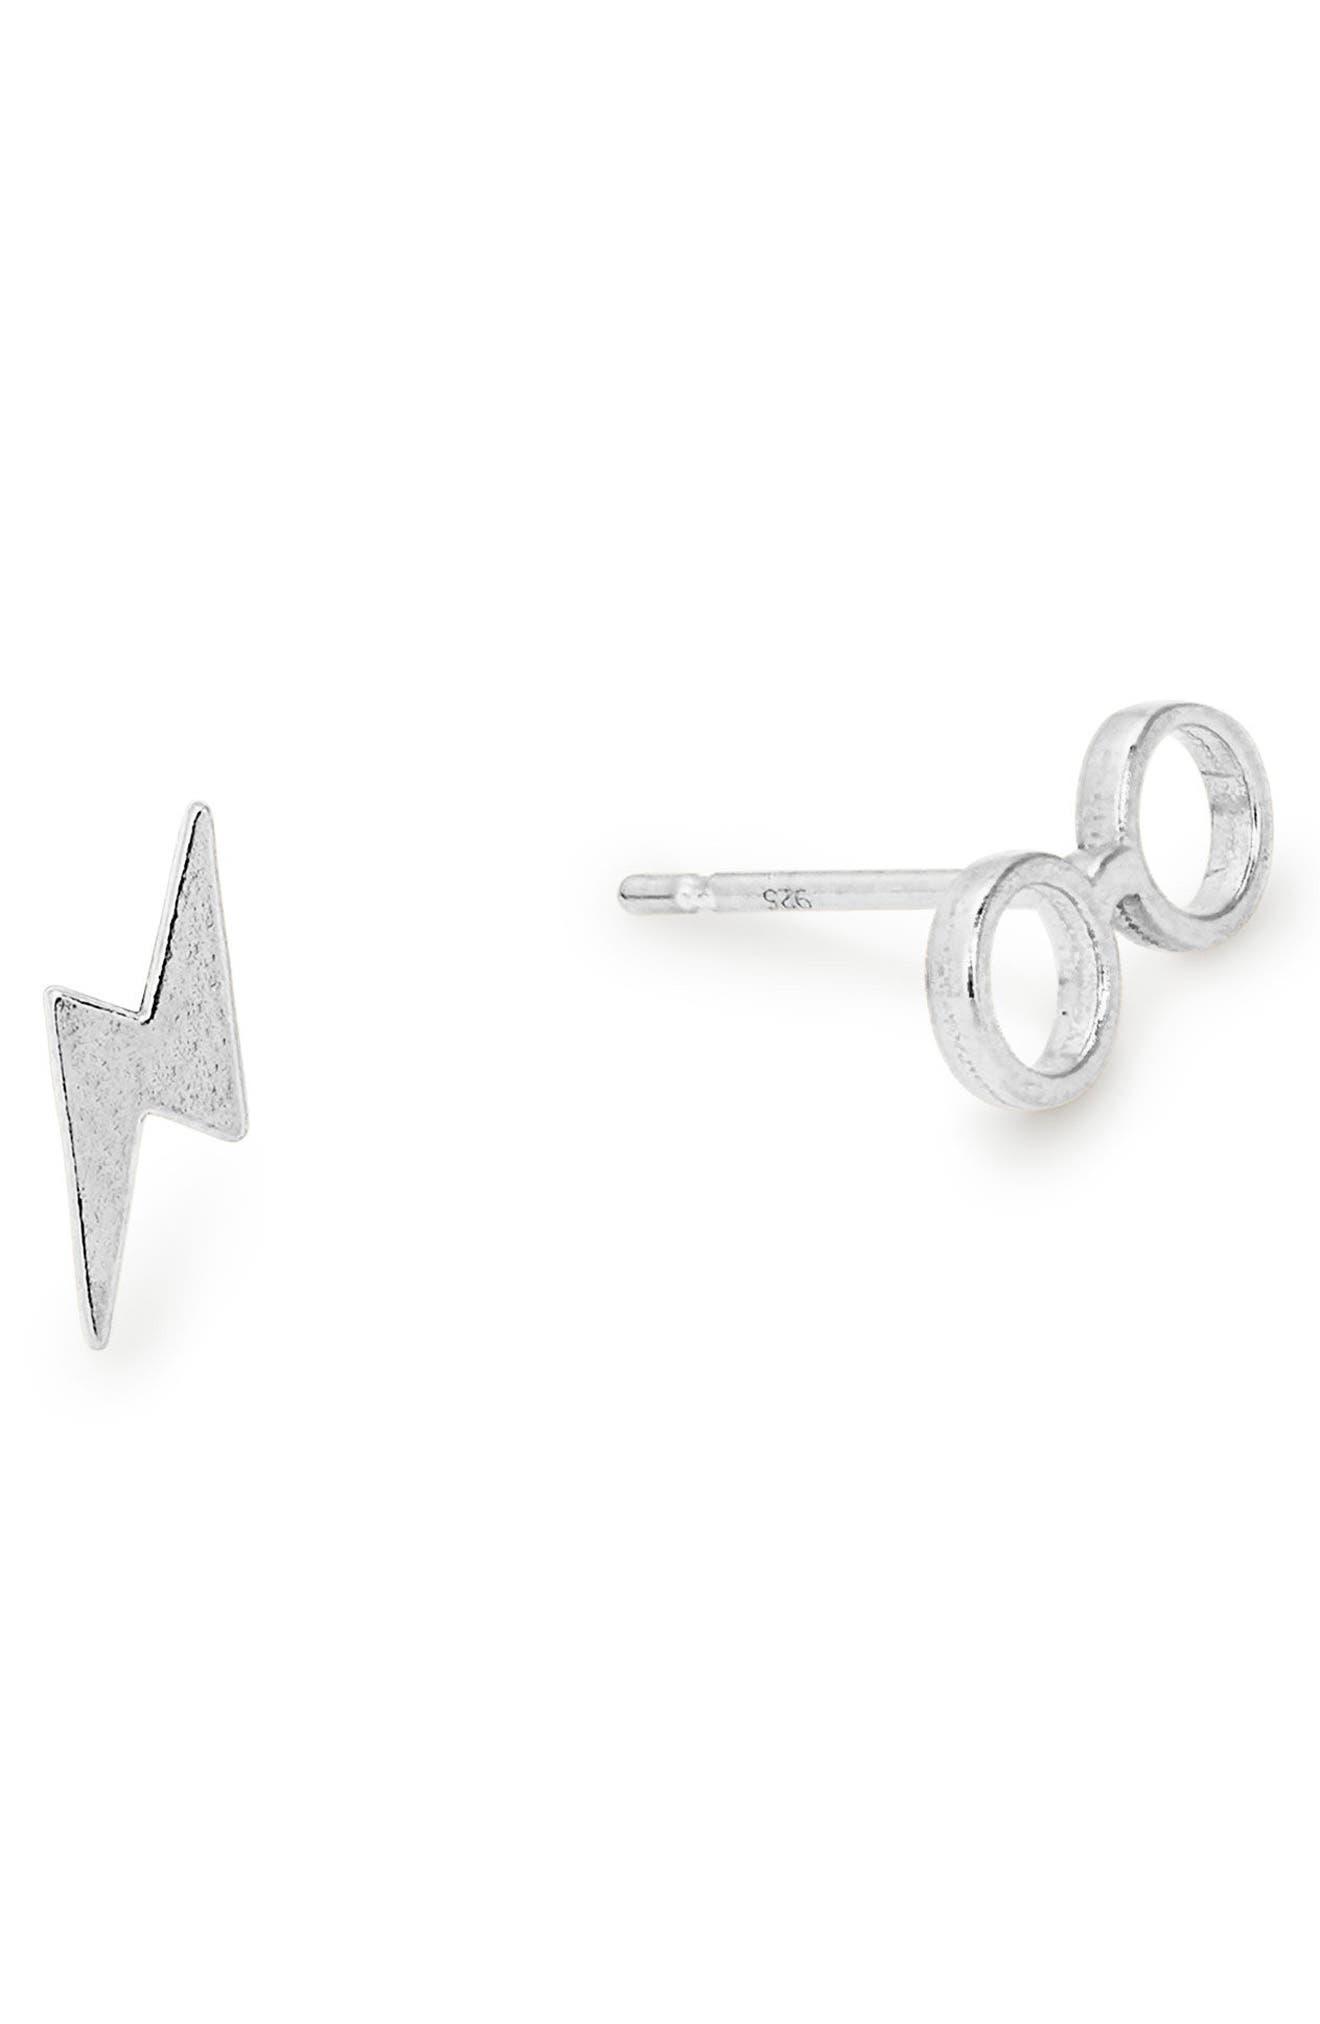 HARRY POTTER(TM) GLASSES & BOLT STUD EARRINGS